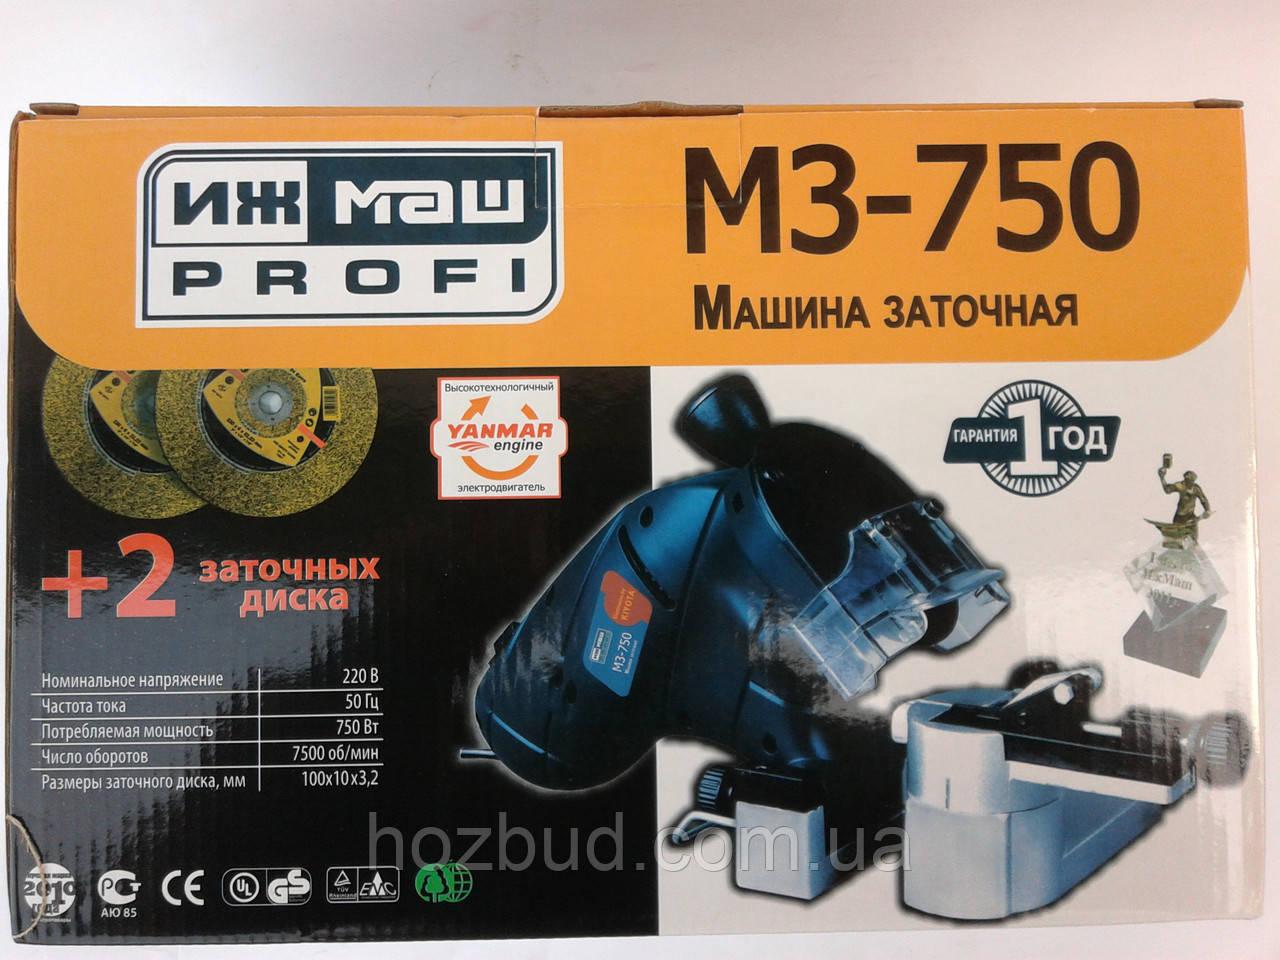 Станок для заточки цепей ИЖМАШ МЗ-750